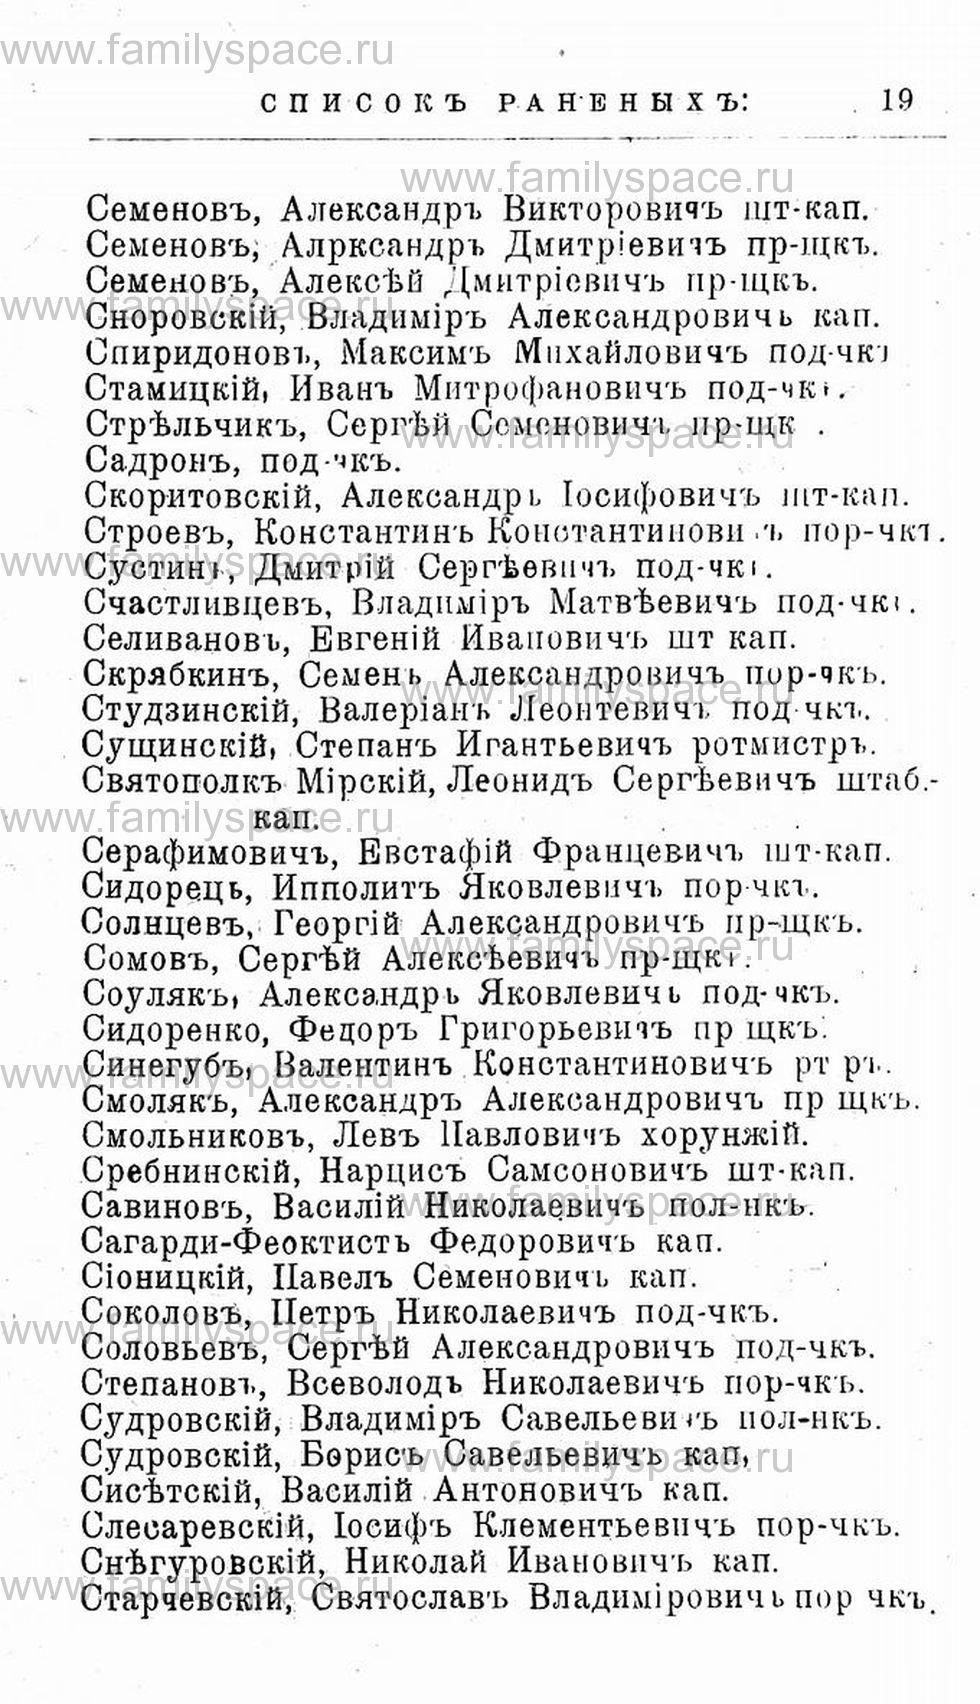 Поиск по фамилии - Первая мировая война - 1914 (списки убитых и раненых), страница 19